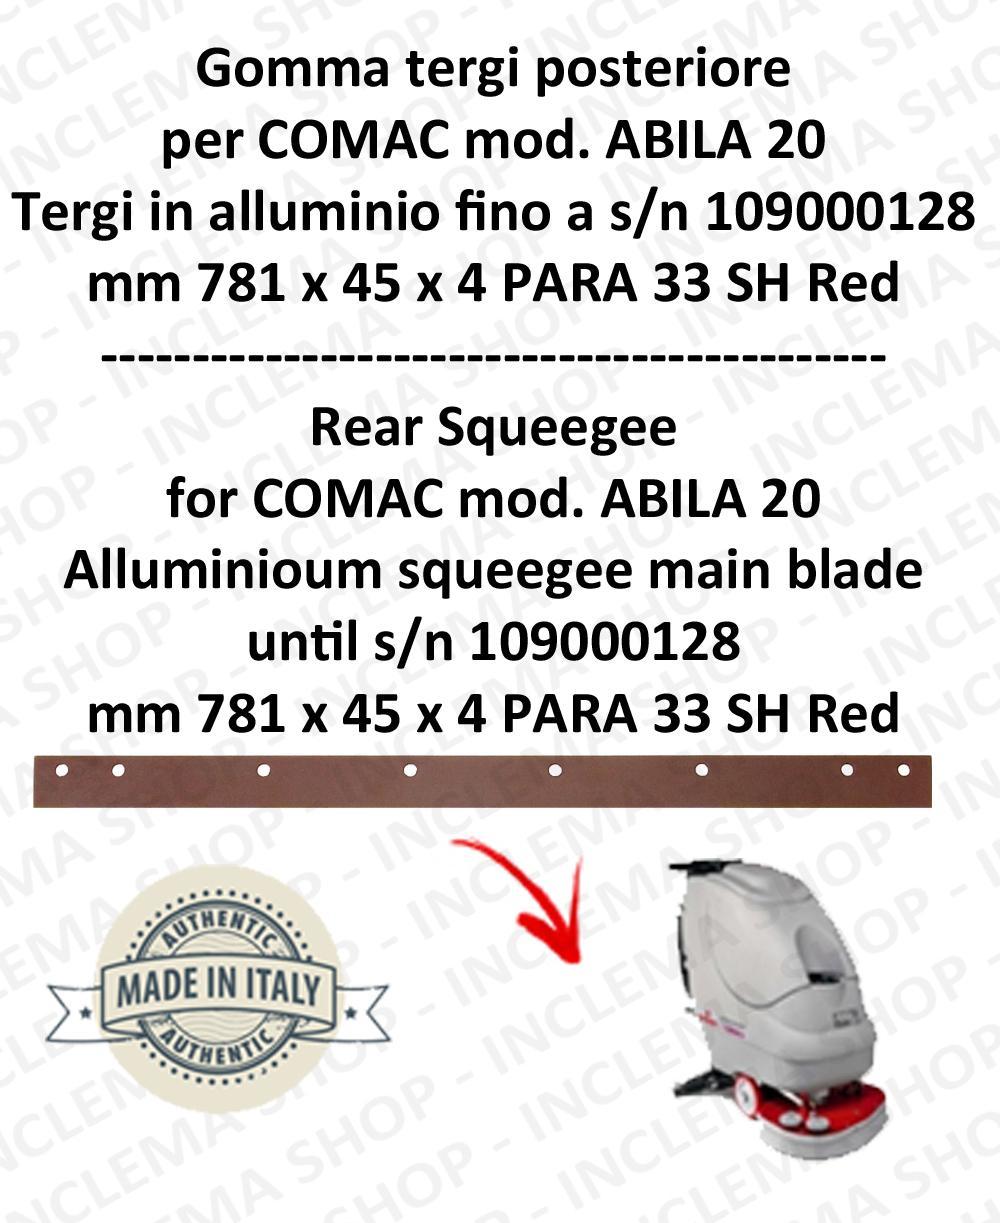 Gomma tergipavimento posteriore per lavapavimenti COMAC ABILA 20 tergi in alluminio fino a s/n 109000128